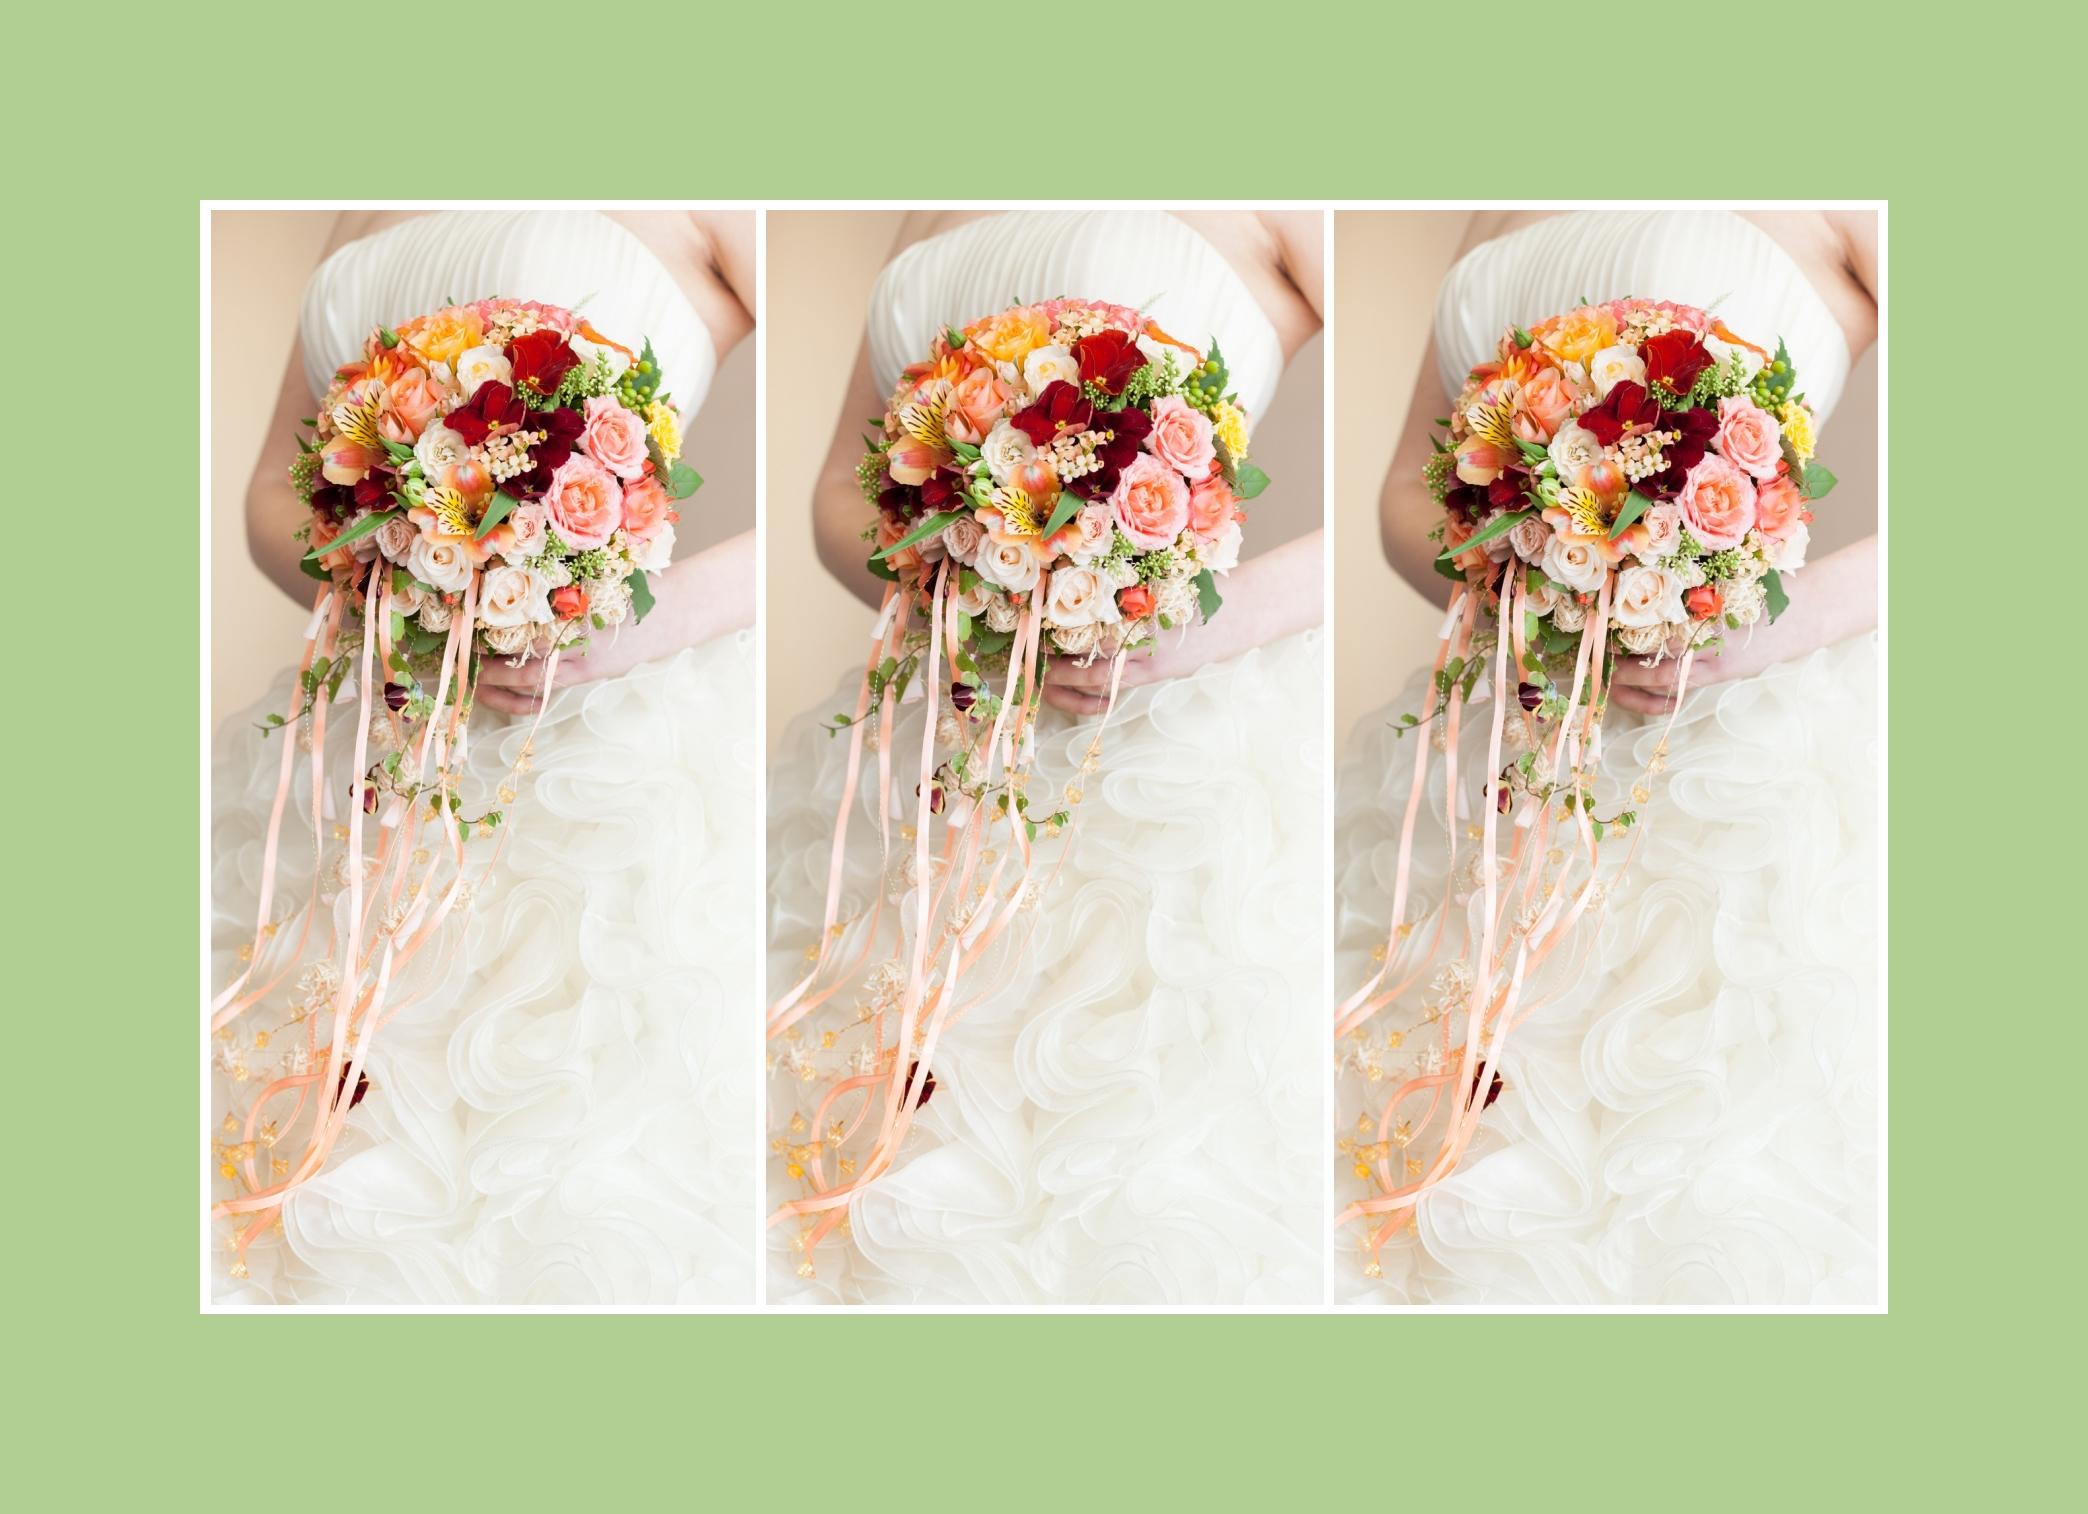 Bunter Brautstrauss verschiedene Blumen